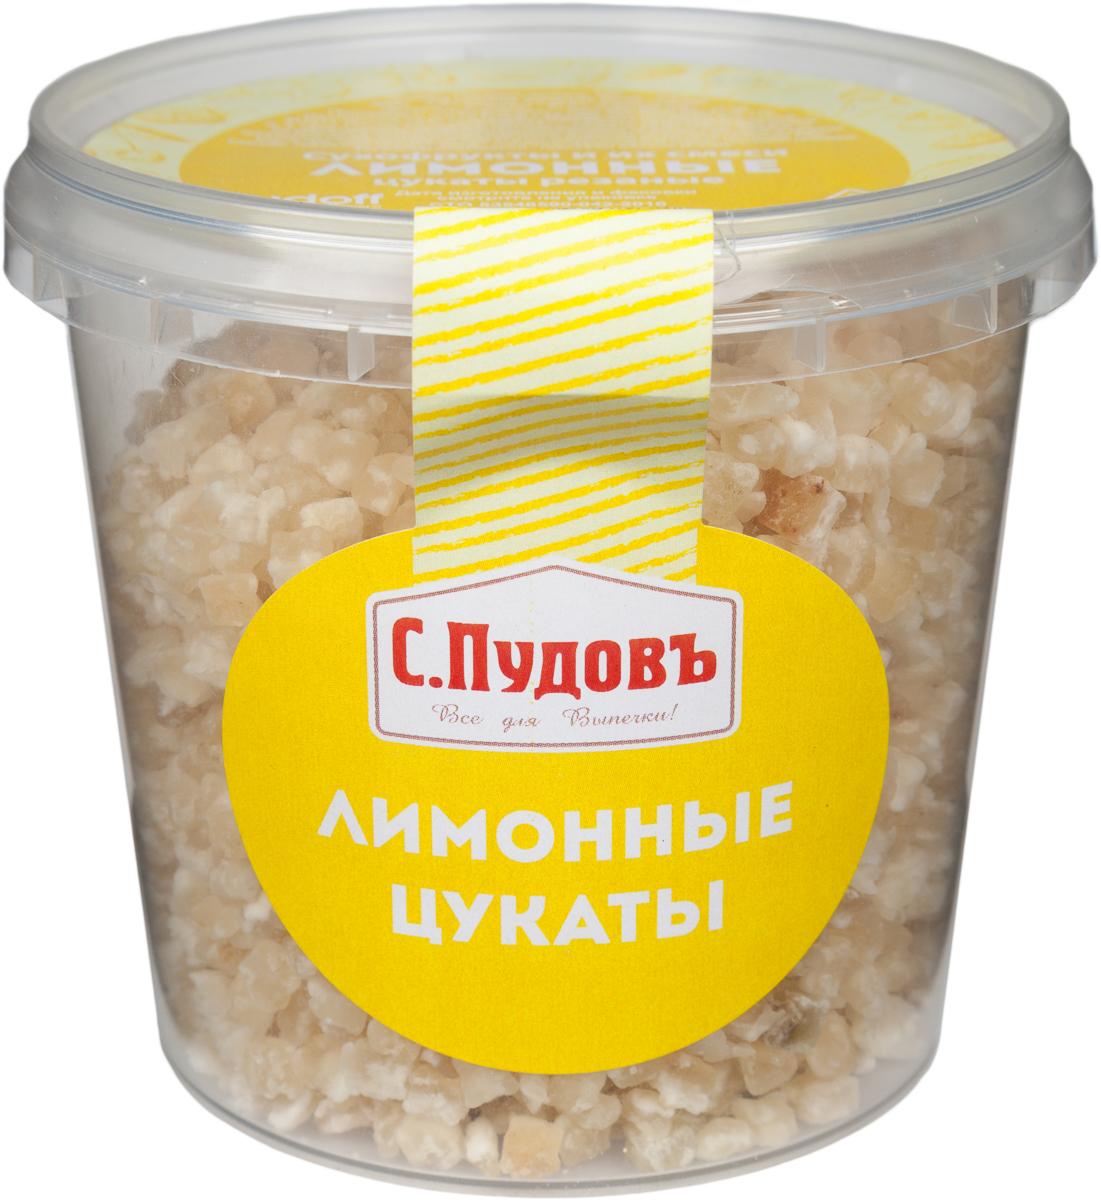 С. Пудовъ Пудовъ лимонные цукаты, 230 г 4607012297532